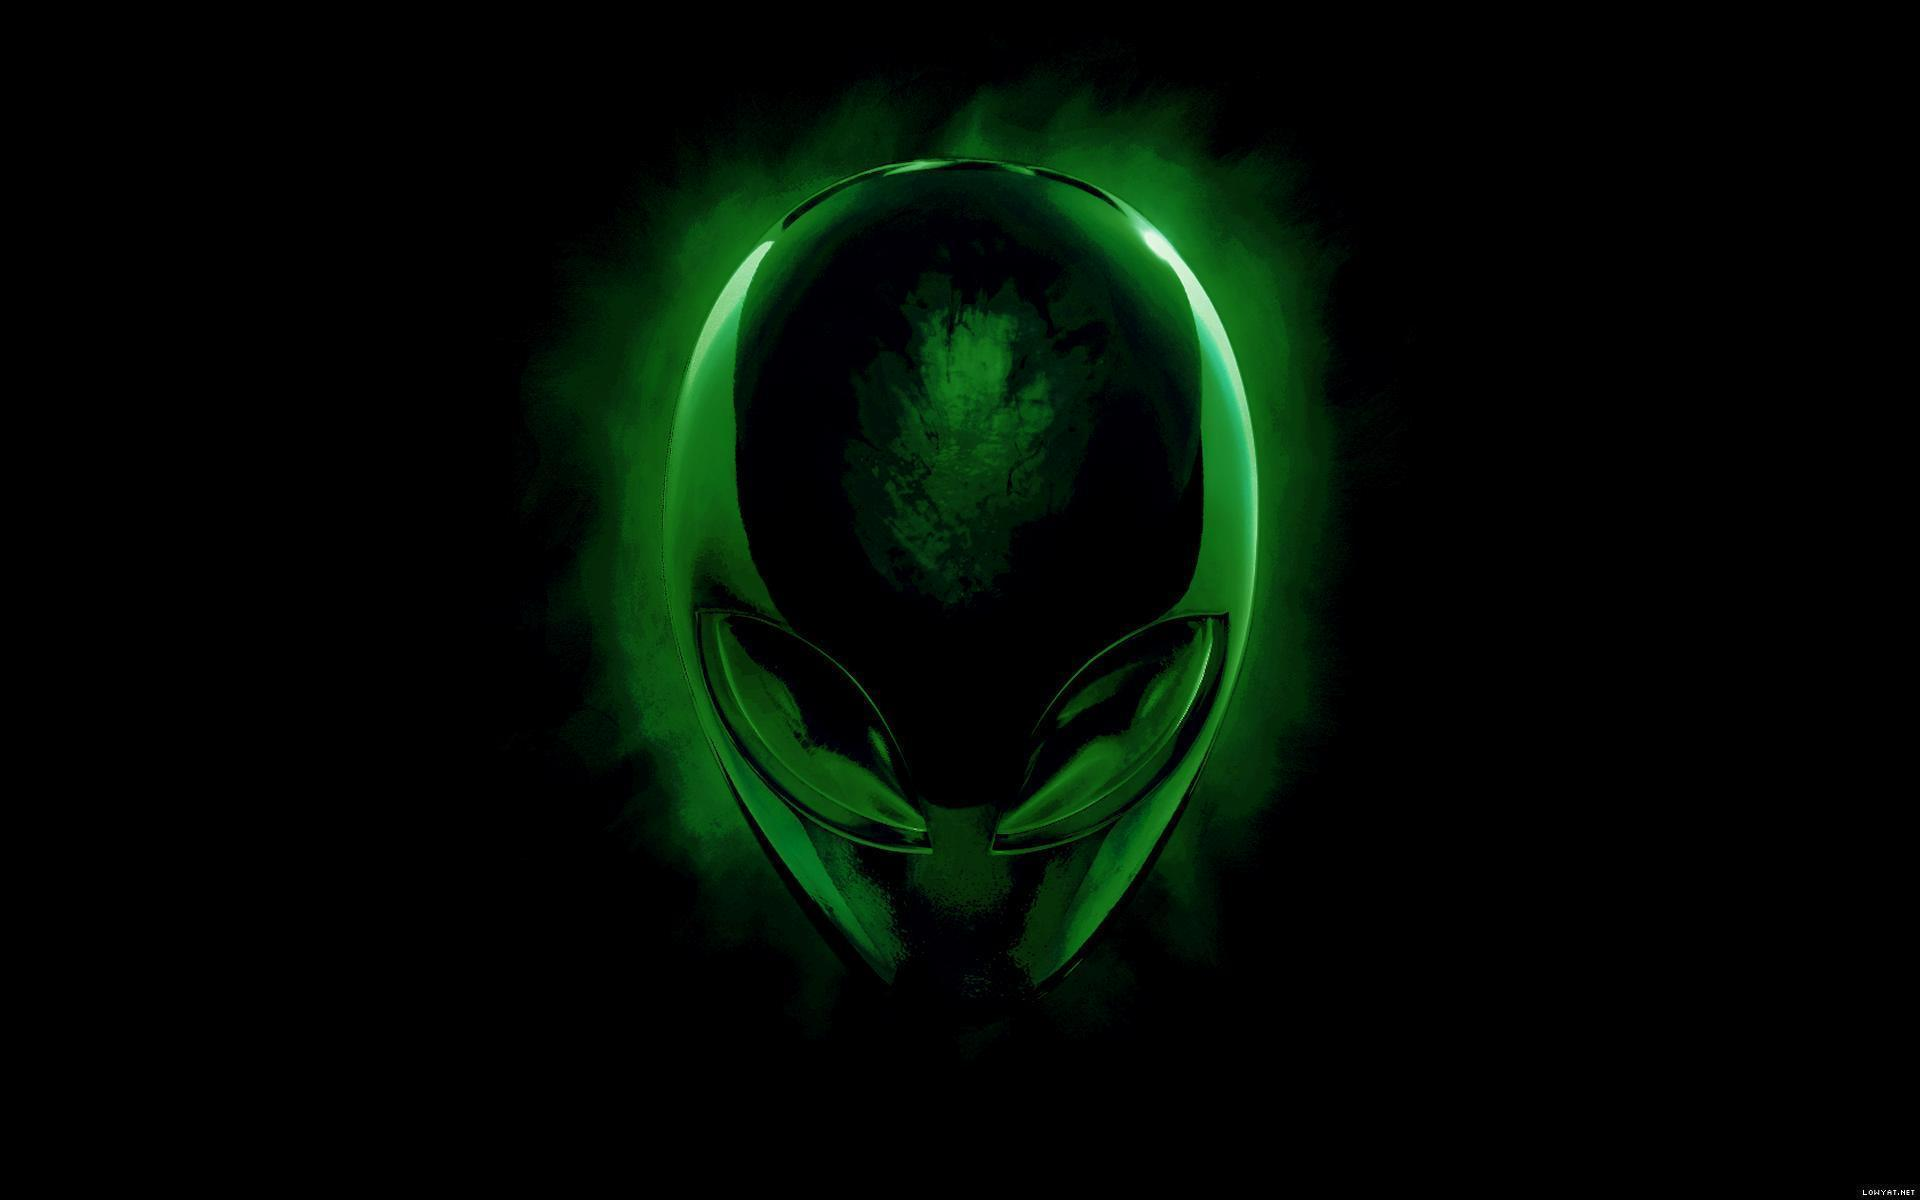 Green alienware wallpapers wallpaper cave - Alien desktop ...